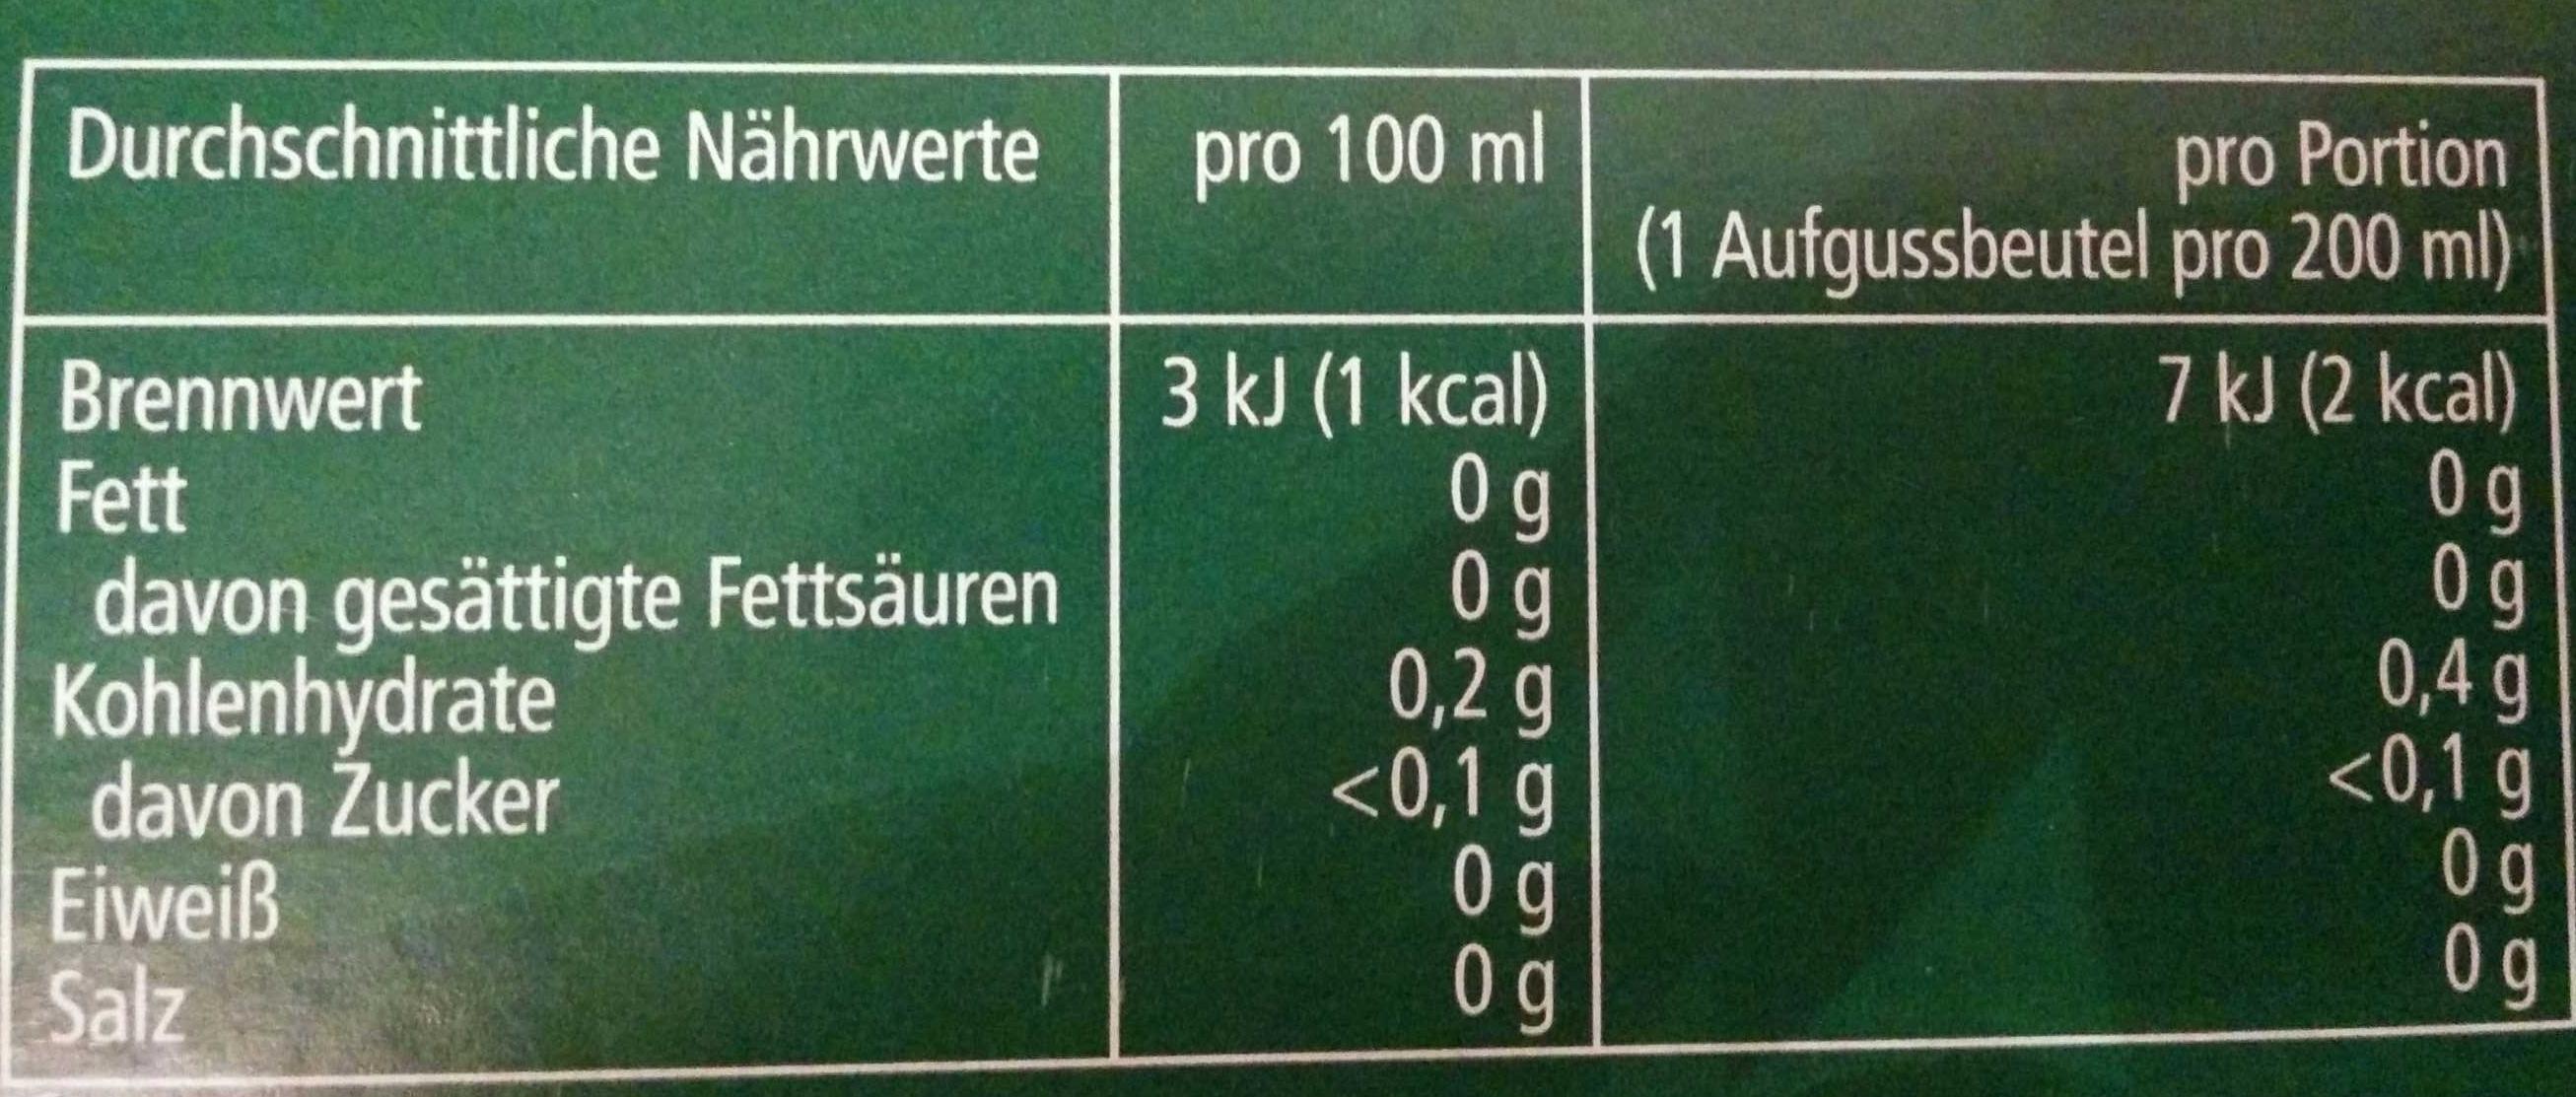 Pfefferminztee - Nutrition facts - de